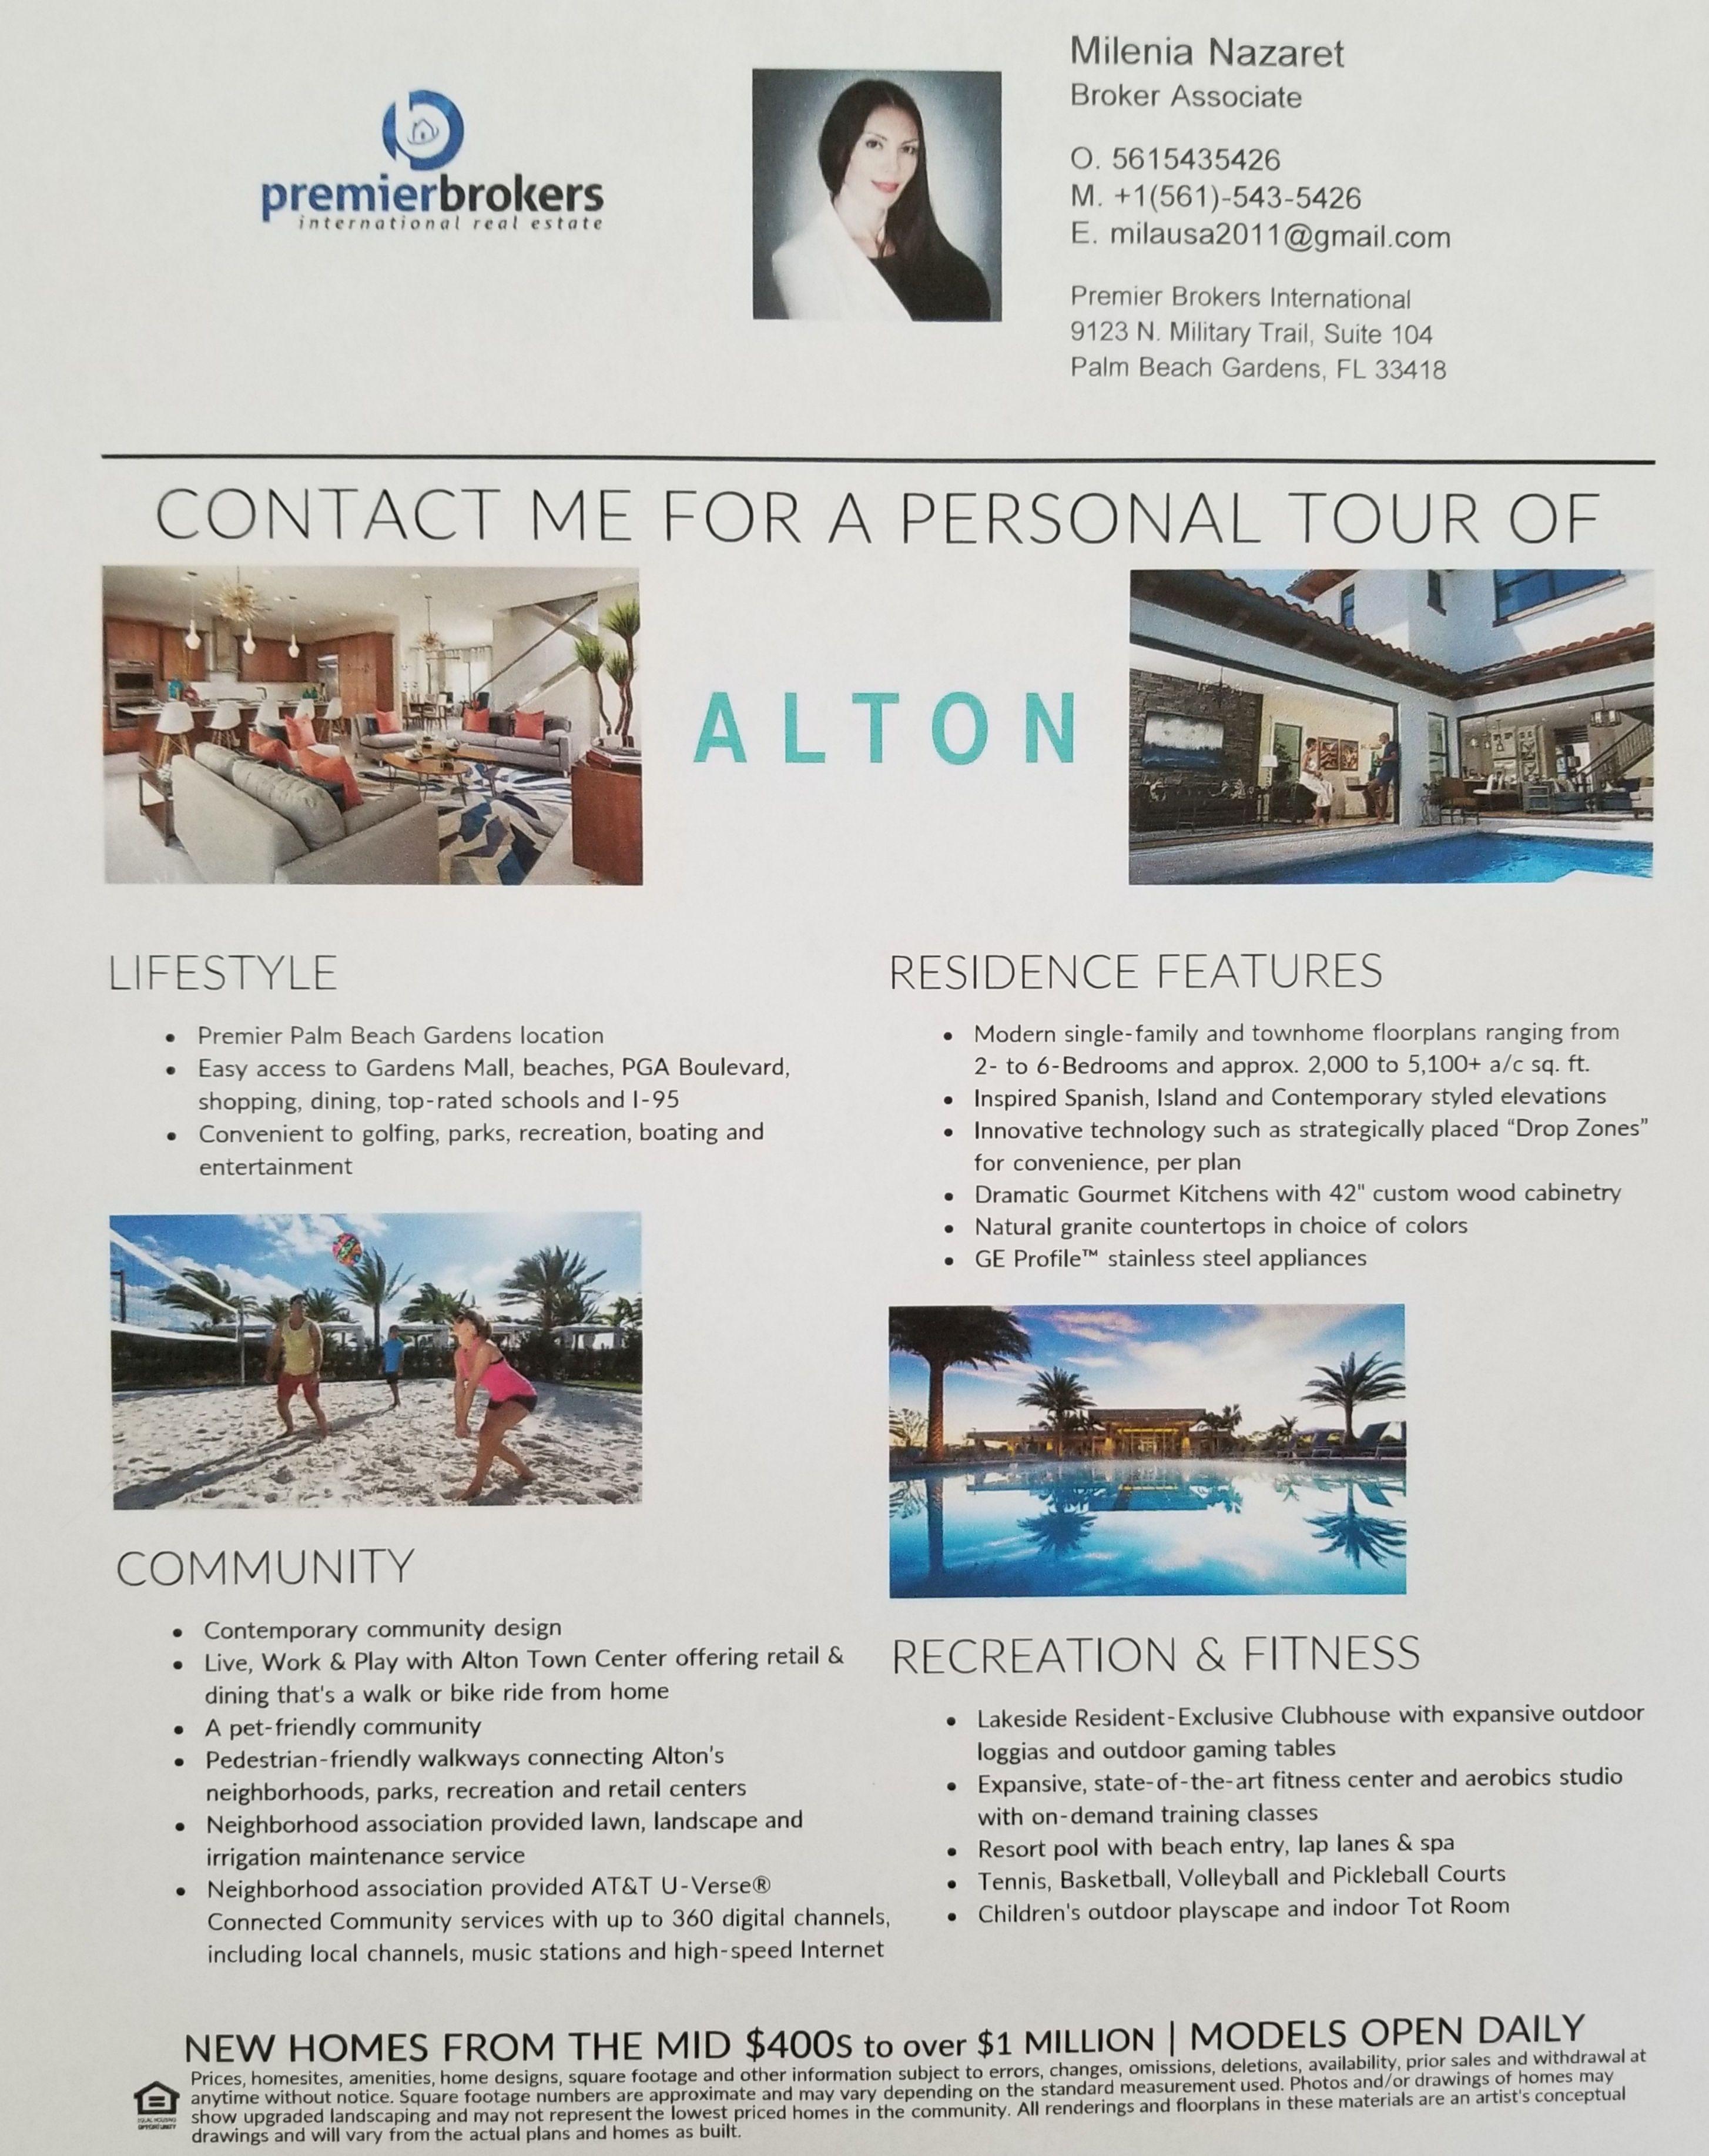 Alton Tour With Milenia Nazaret Palm Beach Gardens Alton New Community